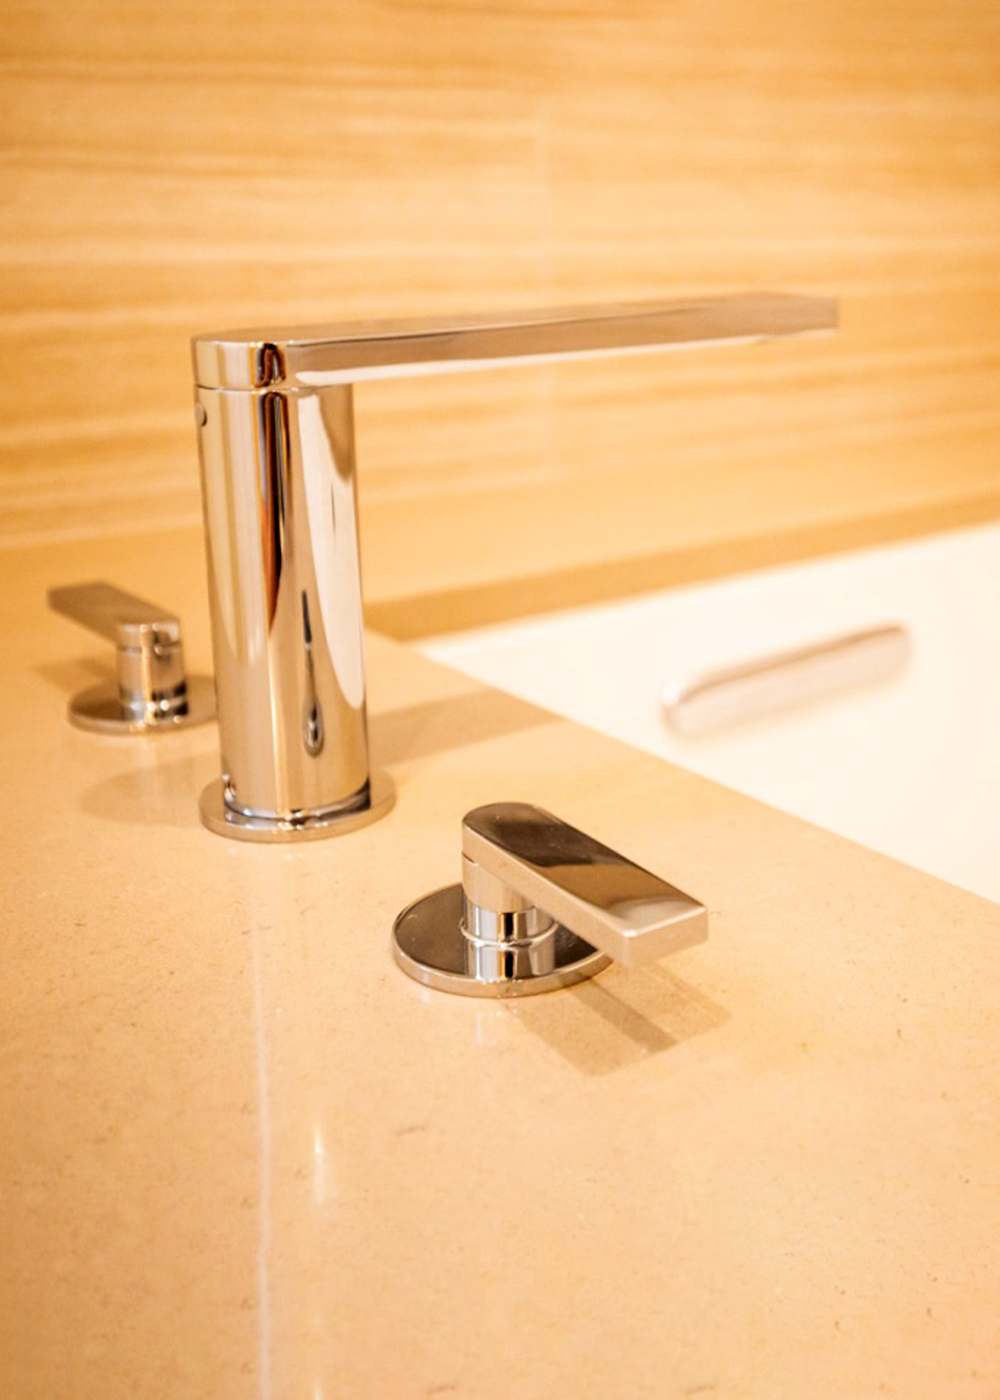 Faucet detail